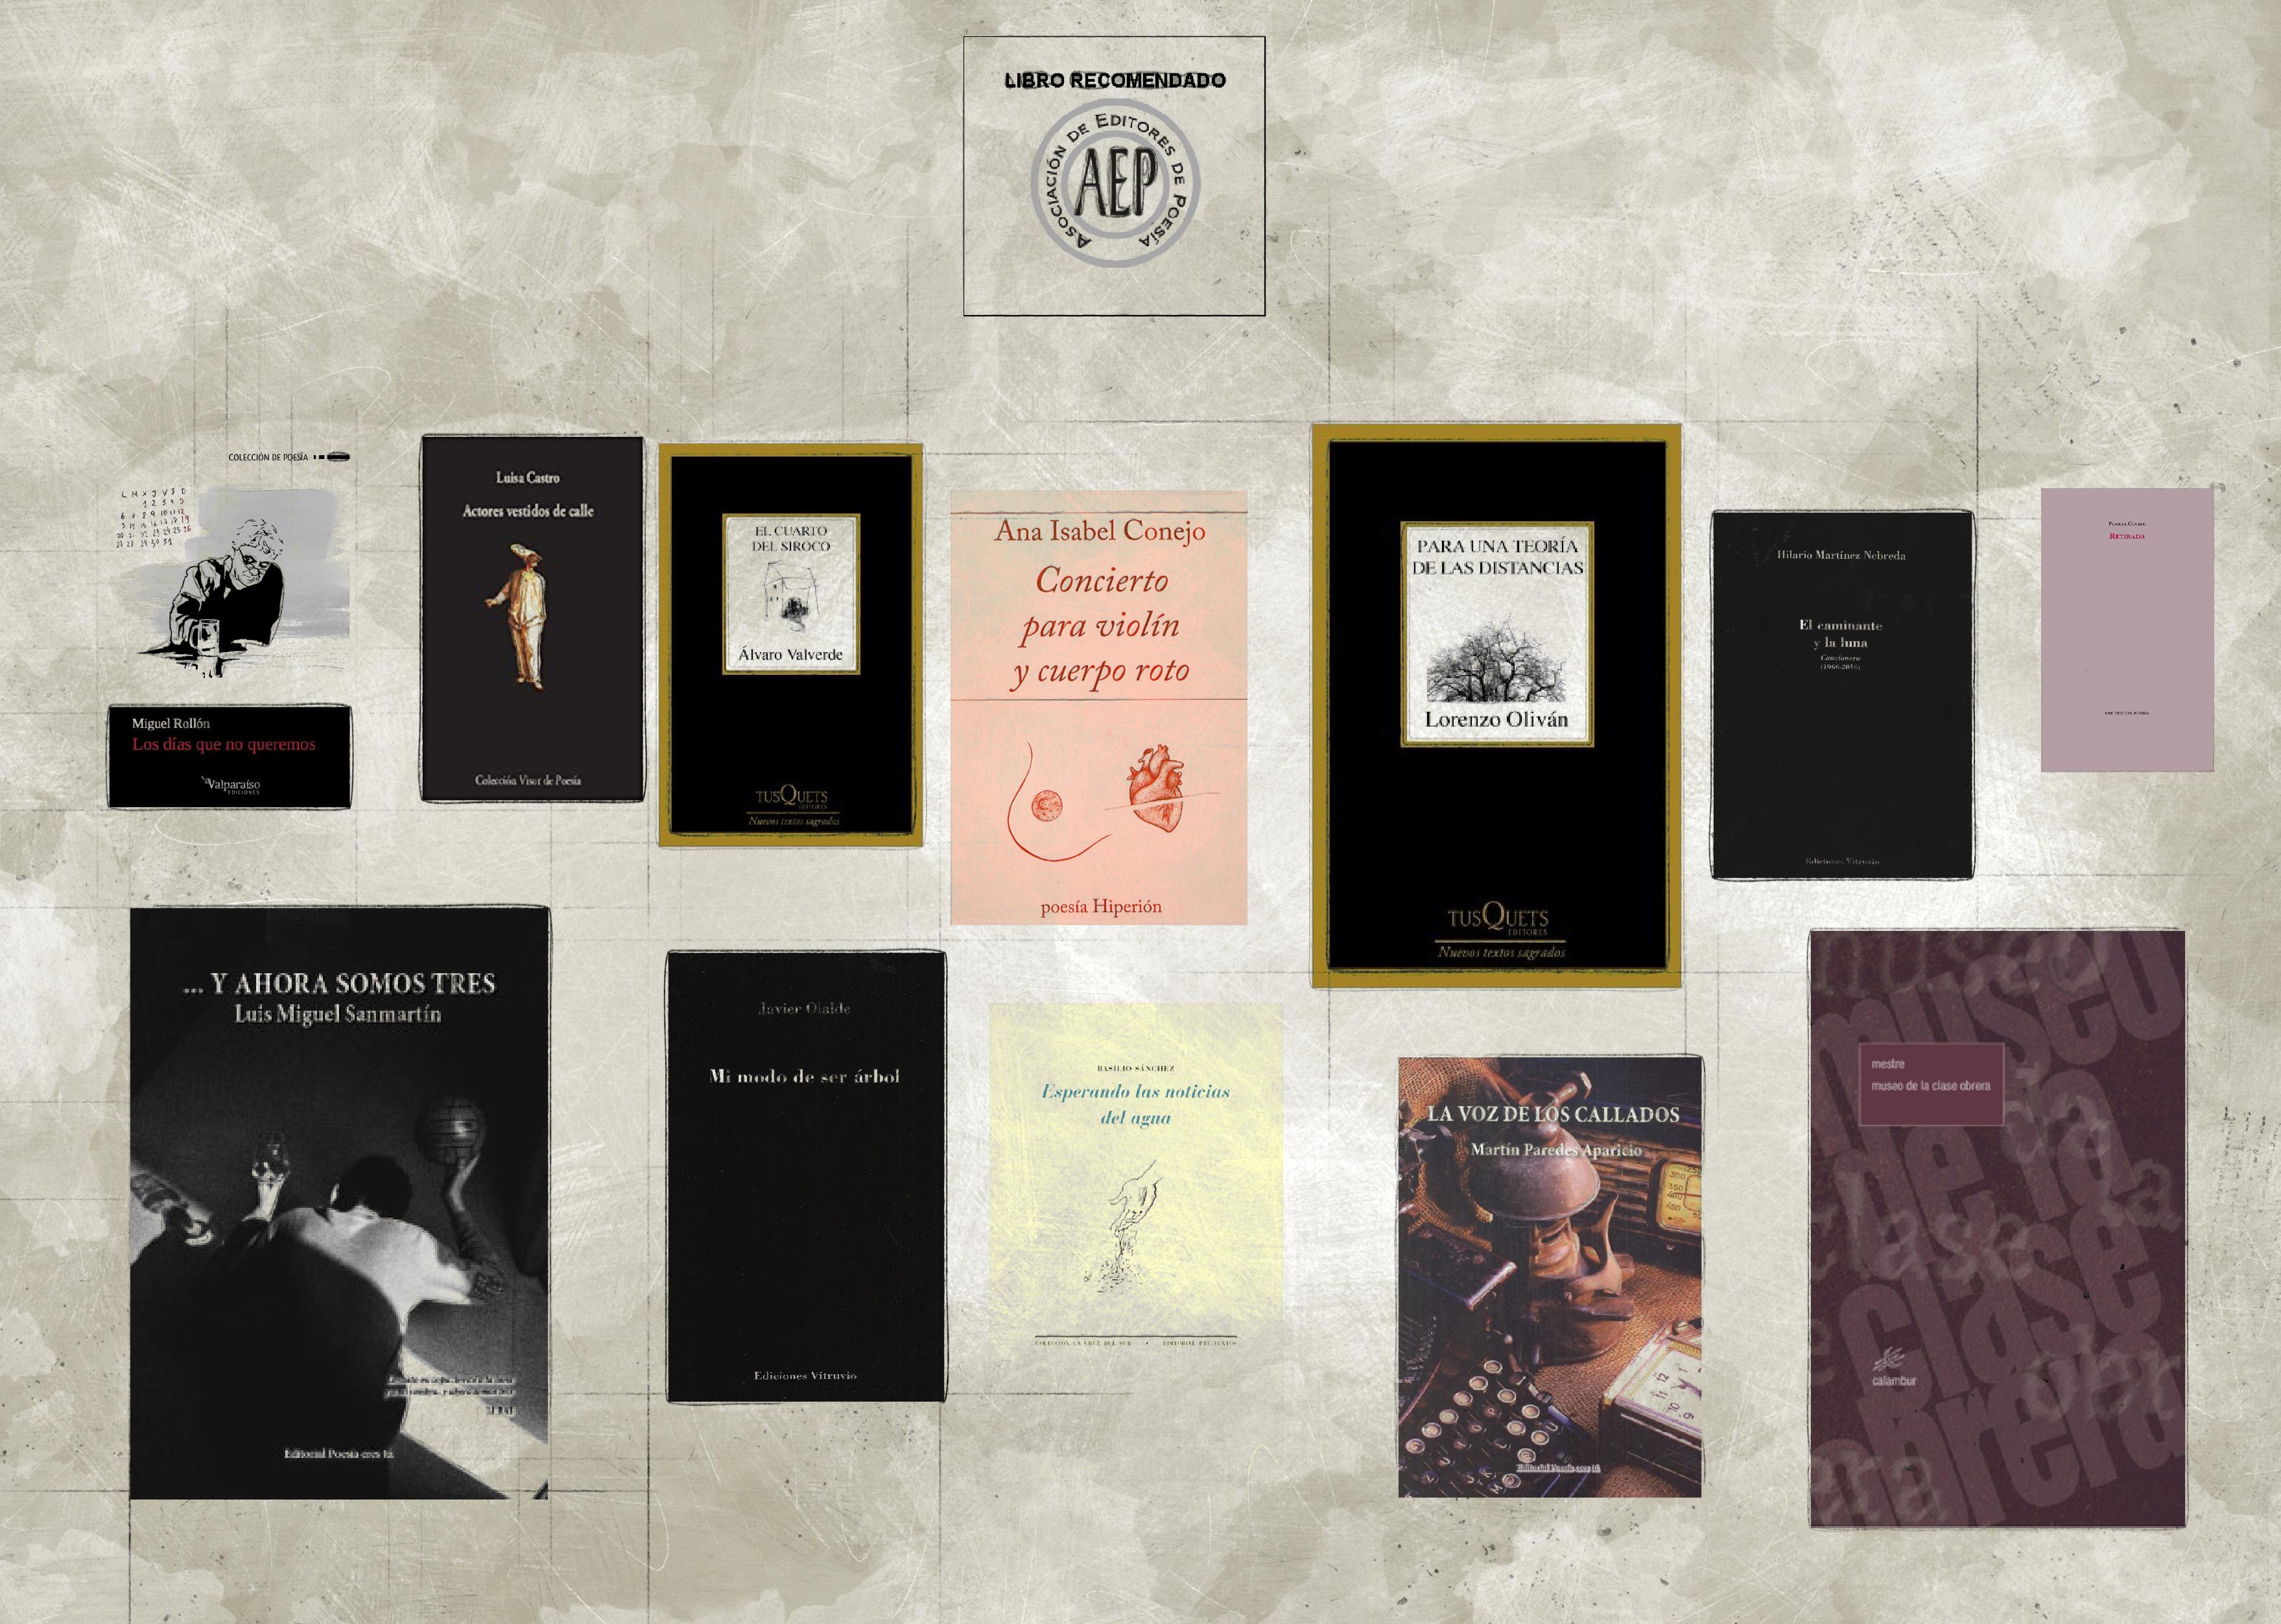 los 12 mejores libros de poesía del año 2018 - Libreosrecomedado2018 RevistaPoes  aerest   - Los 12 mejores libros de poesía del año 2018 revista de poesía - Libreosrecomedado2018 RevistaPoes C3 ADaerest C3 BA - Revista de poesía. Revista Poesía eres tú.